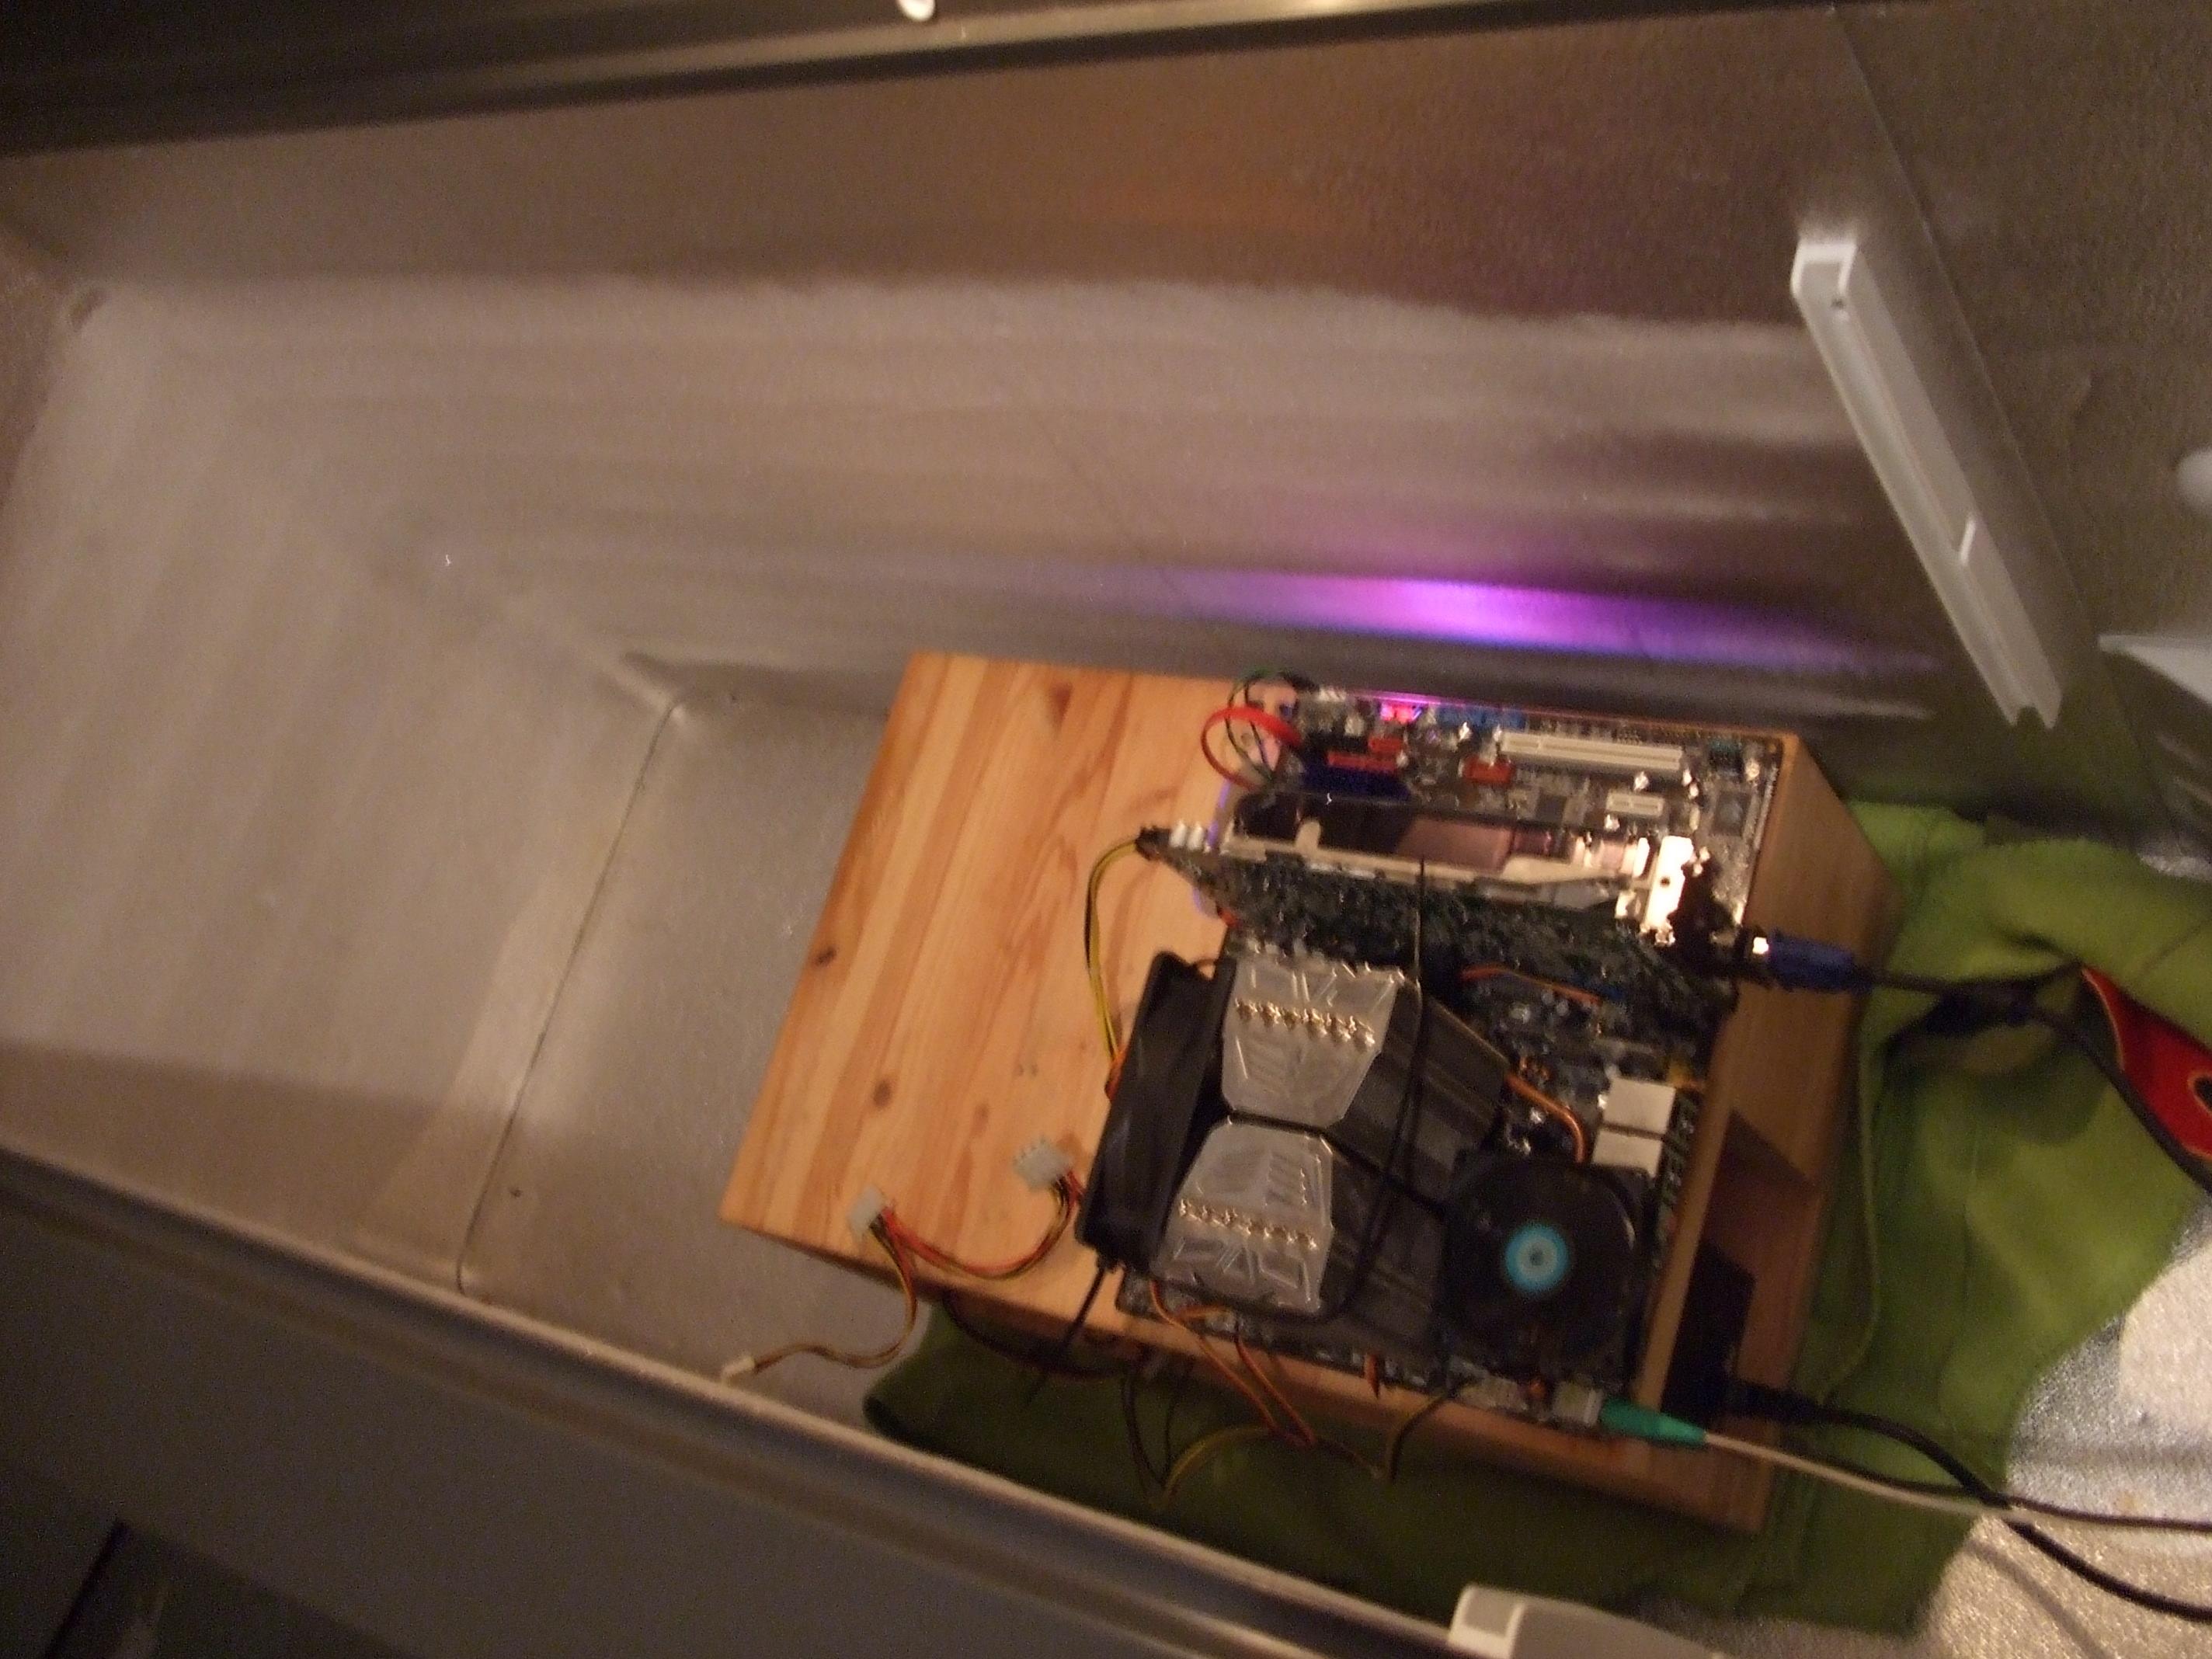 Mini Kühlschrank Bauen : Mini kühlschrank zur kühlung für pc seite